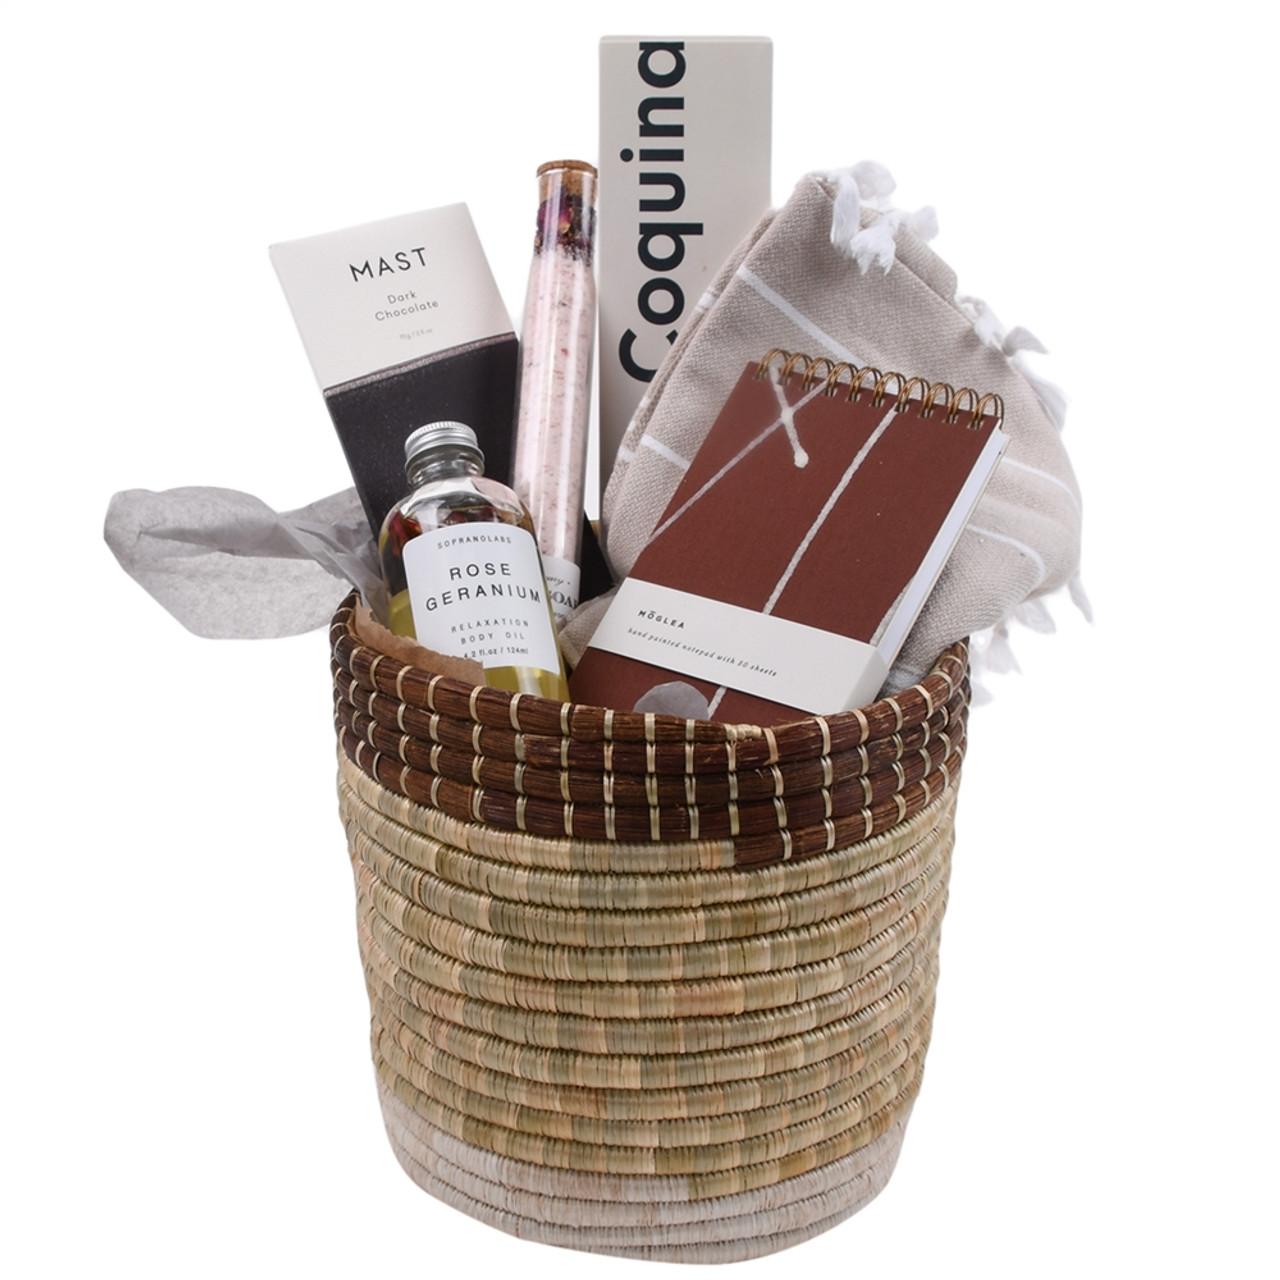 Thinking of You Gift Basket - Unwind